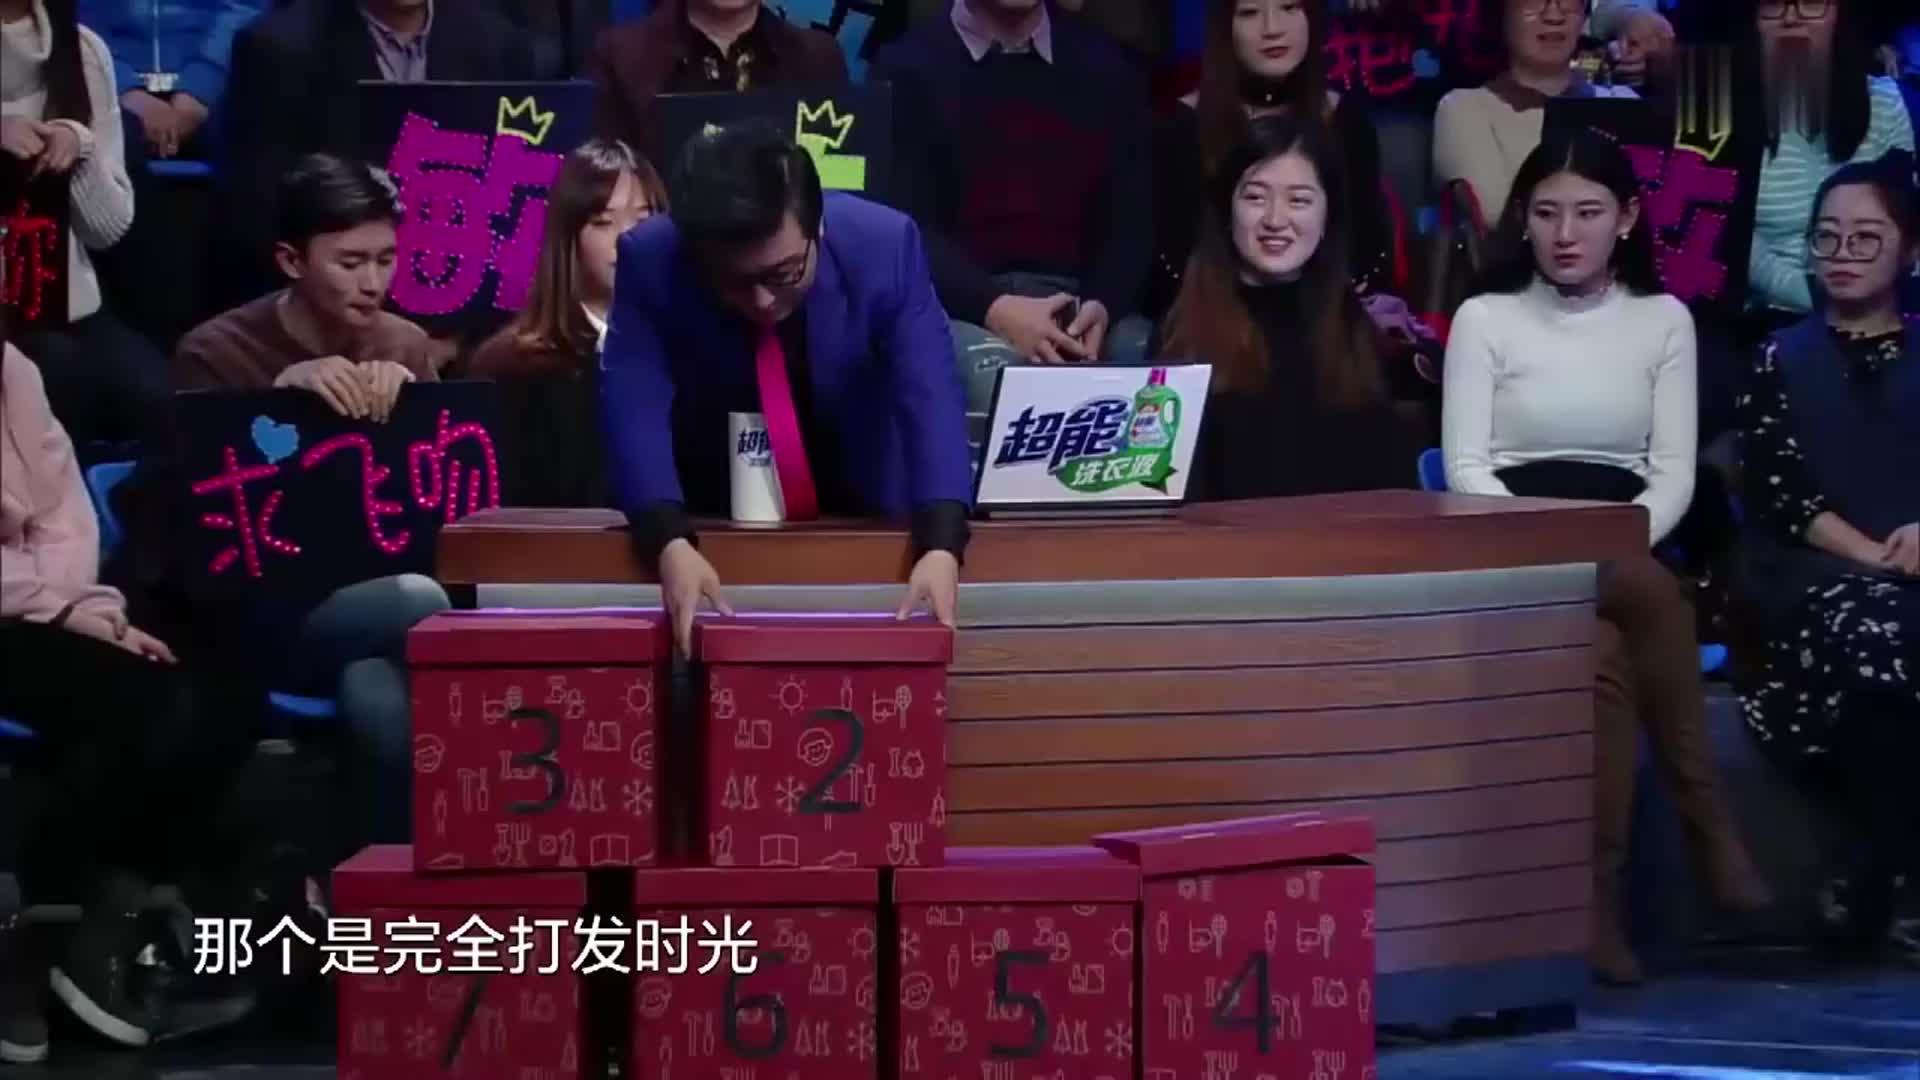 金星秀:毛阿敏当年参加国际大赛,结果一举成名,冲出亚洲!